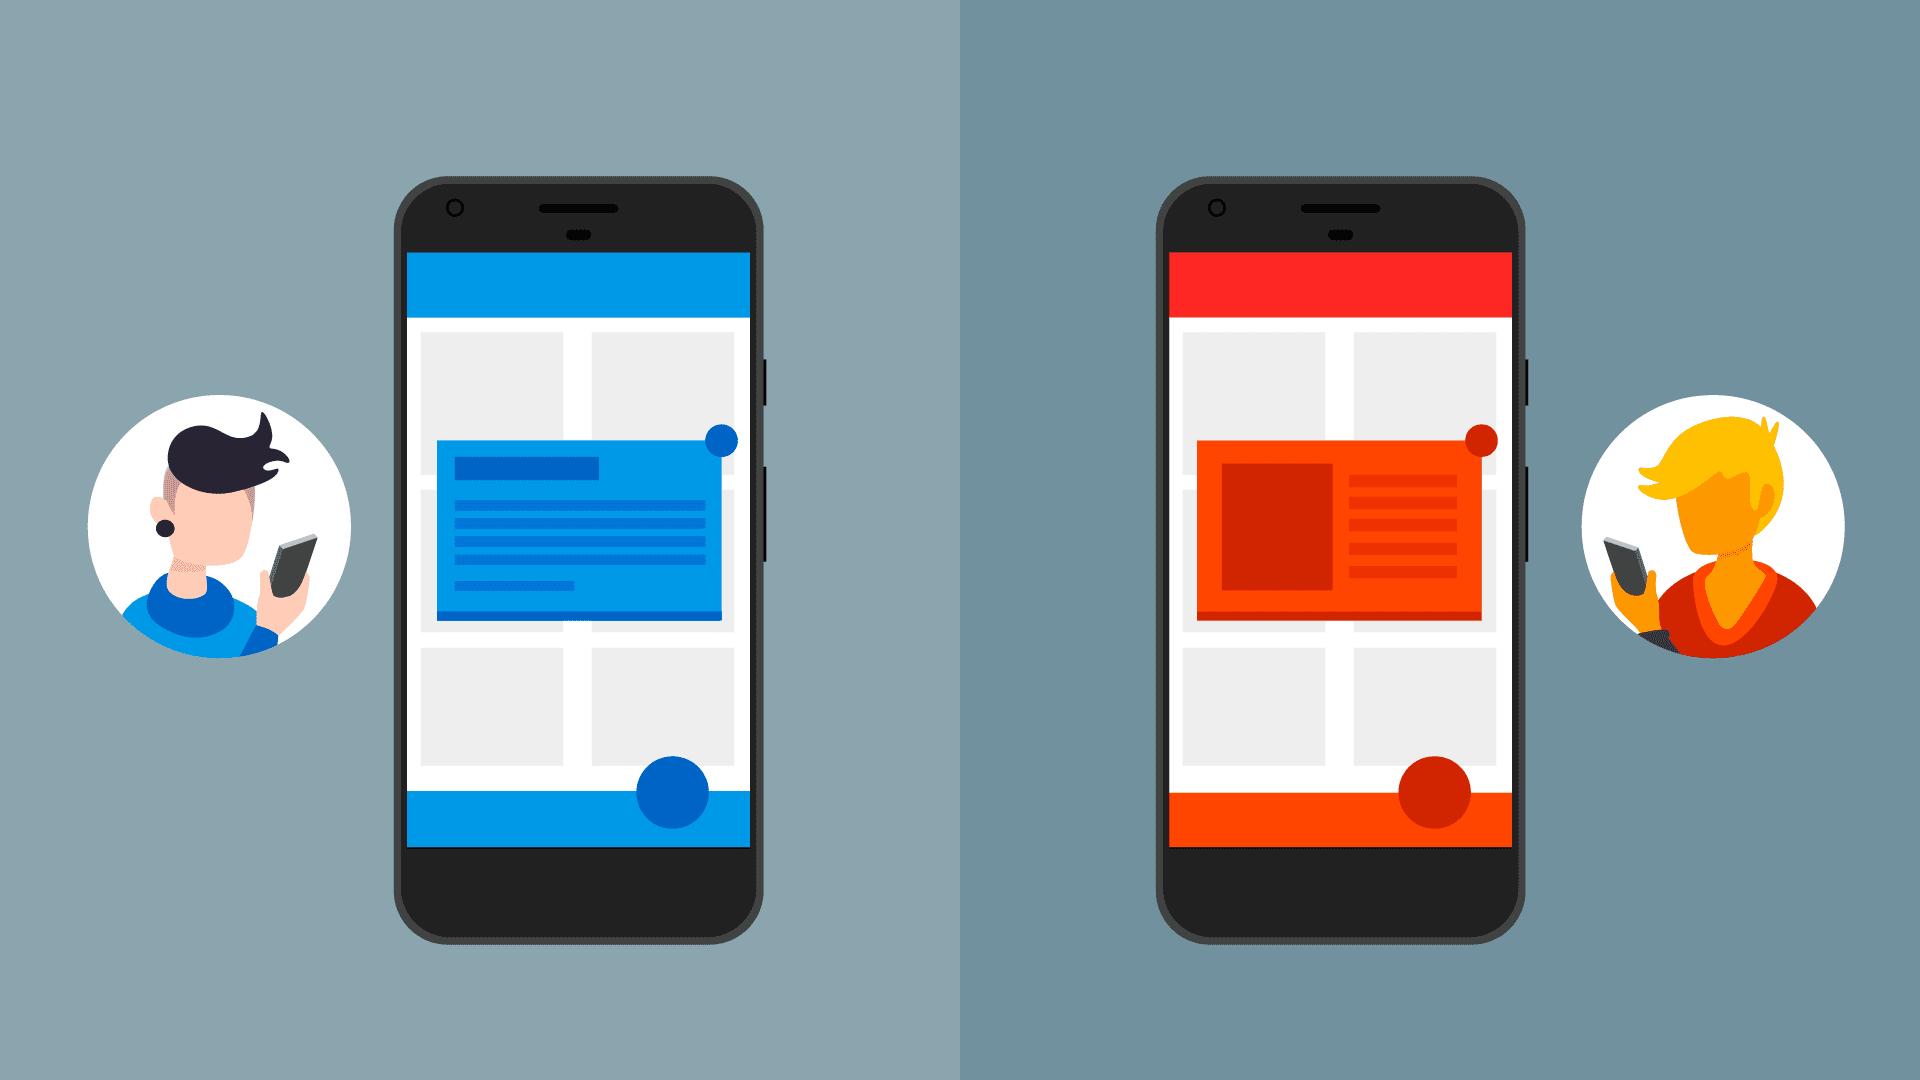 שתי הודעות בתוך האפליקציה עם סגנונות שונים